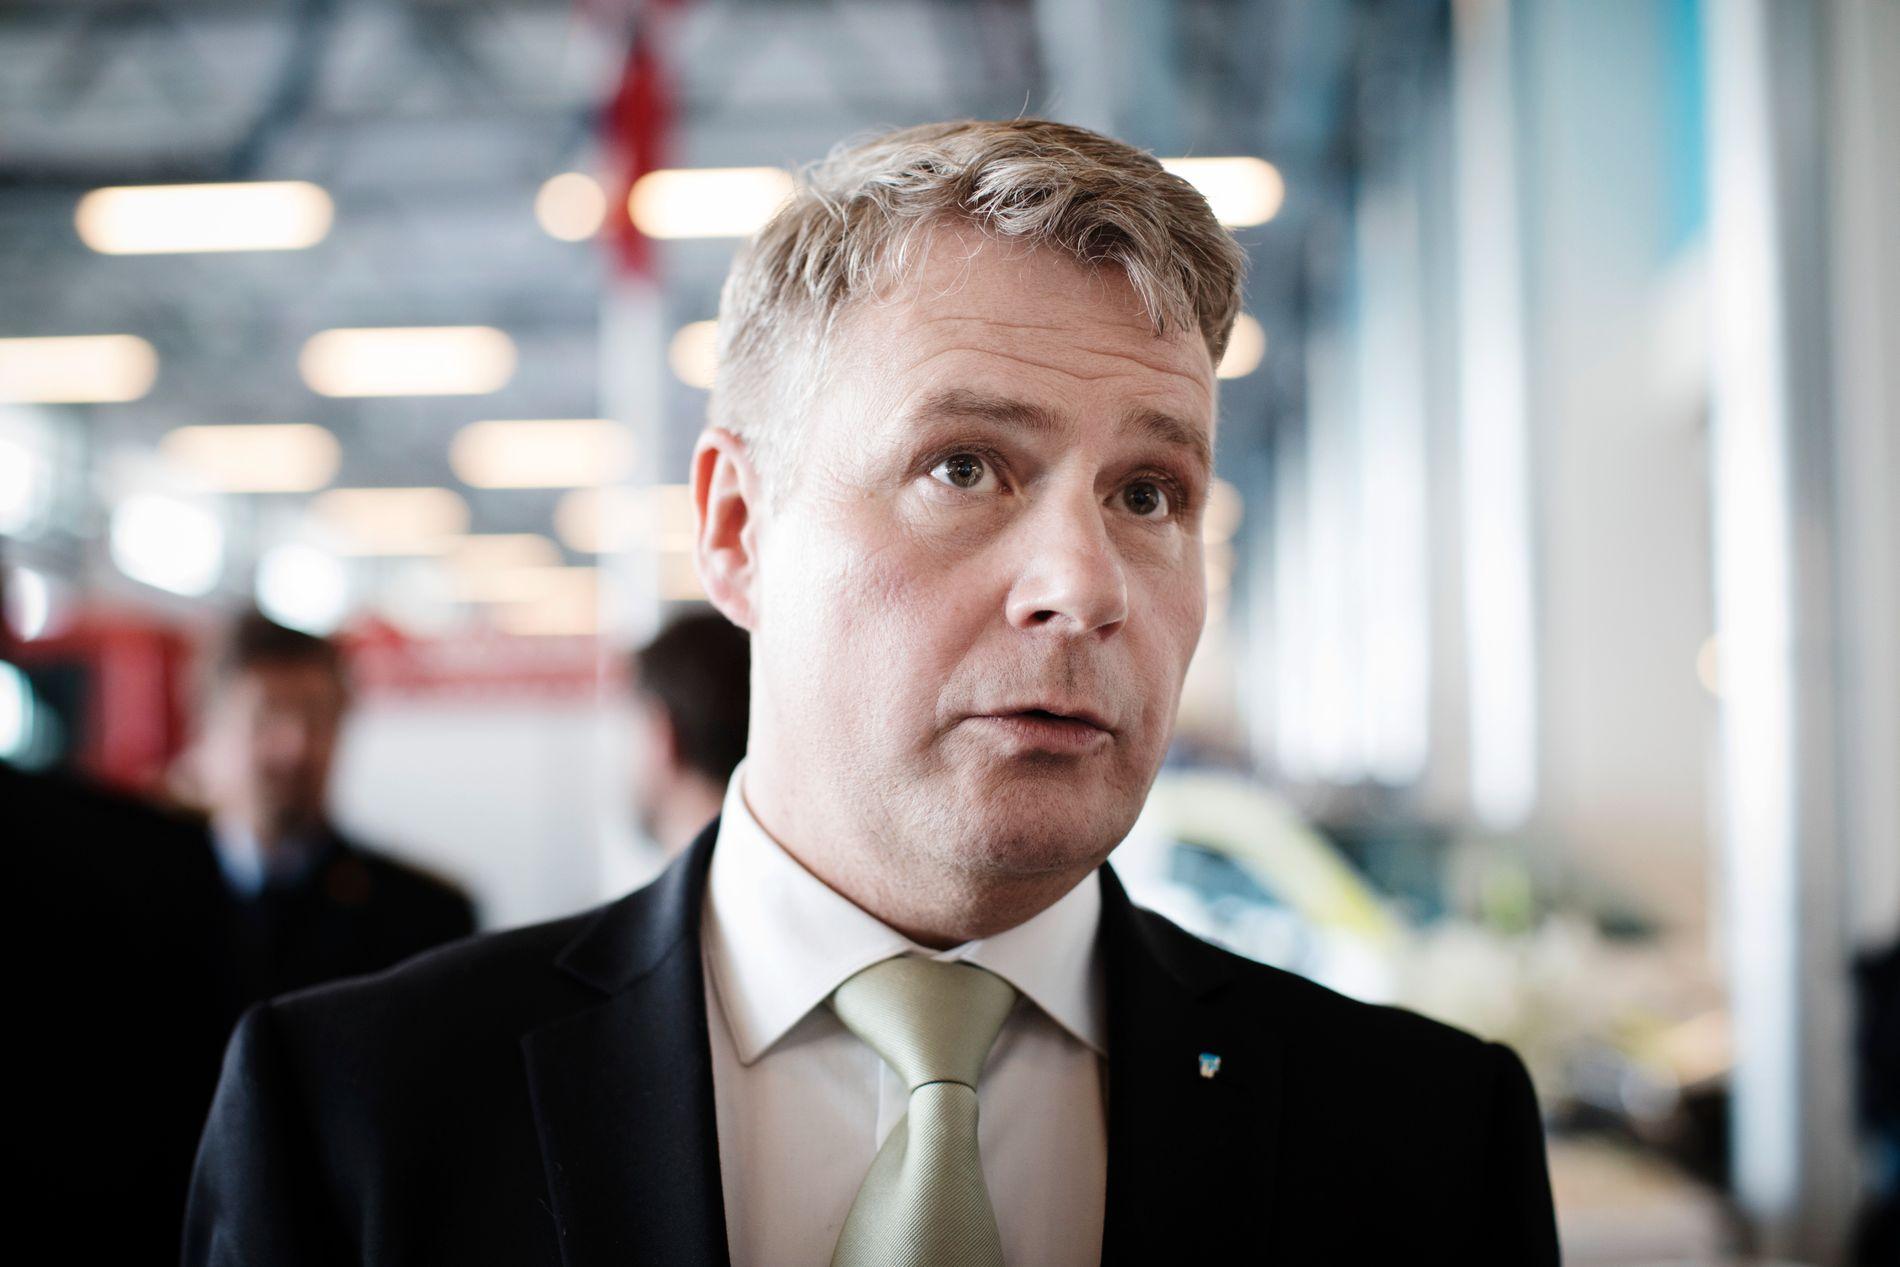 FÅR STØTTE: Justisminister Per- Willy Amundsen (Frp) får støtte for forslaget både av Arbeiderpartiet og Venstre.